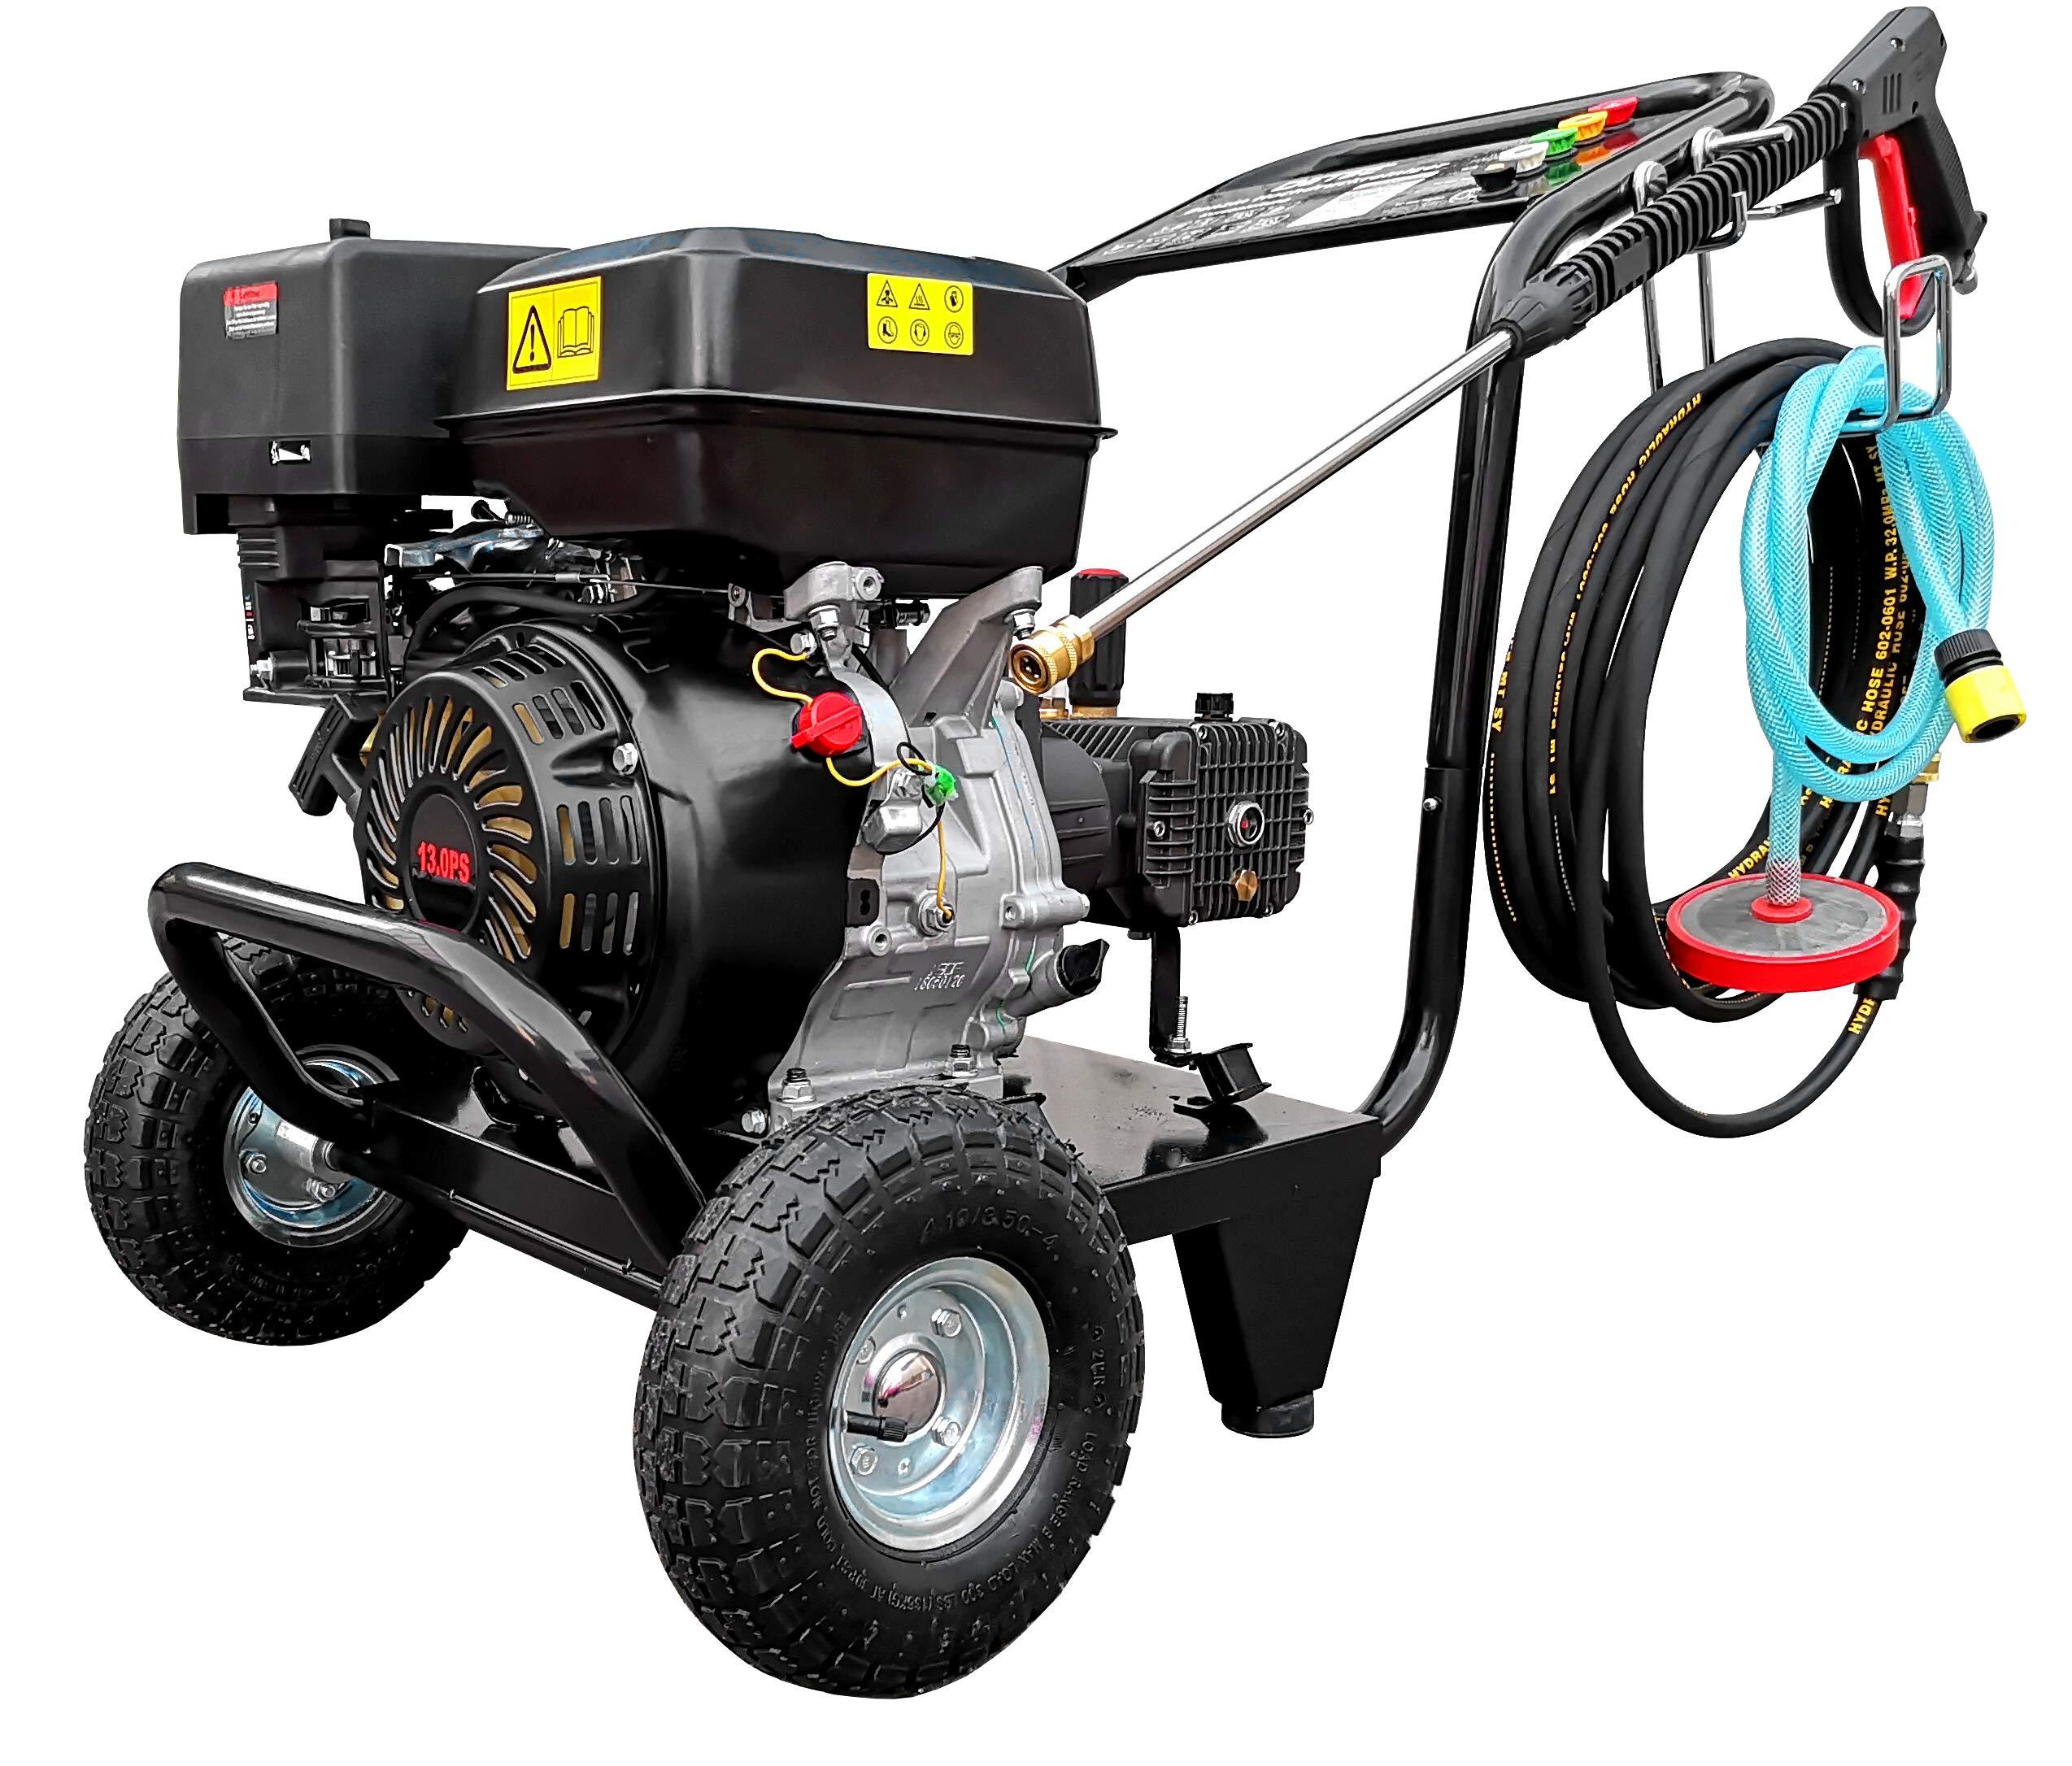 DeTec-Benzin-Hochdruckreiniger-13-PS-Terrassenreiniger-Flchenreiniger-250-bar-Arbeitsdruck-15-L-Min-Frderleistung-5-Dsen-fr-unterschiedliche-Anwendungen-10-Meter-Hochdruckschlauch-389-ccm-4-Takt-Motor